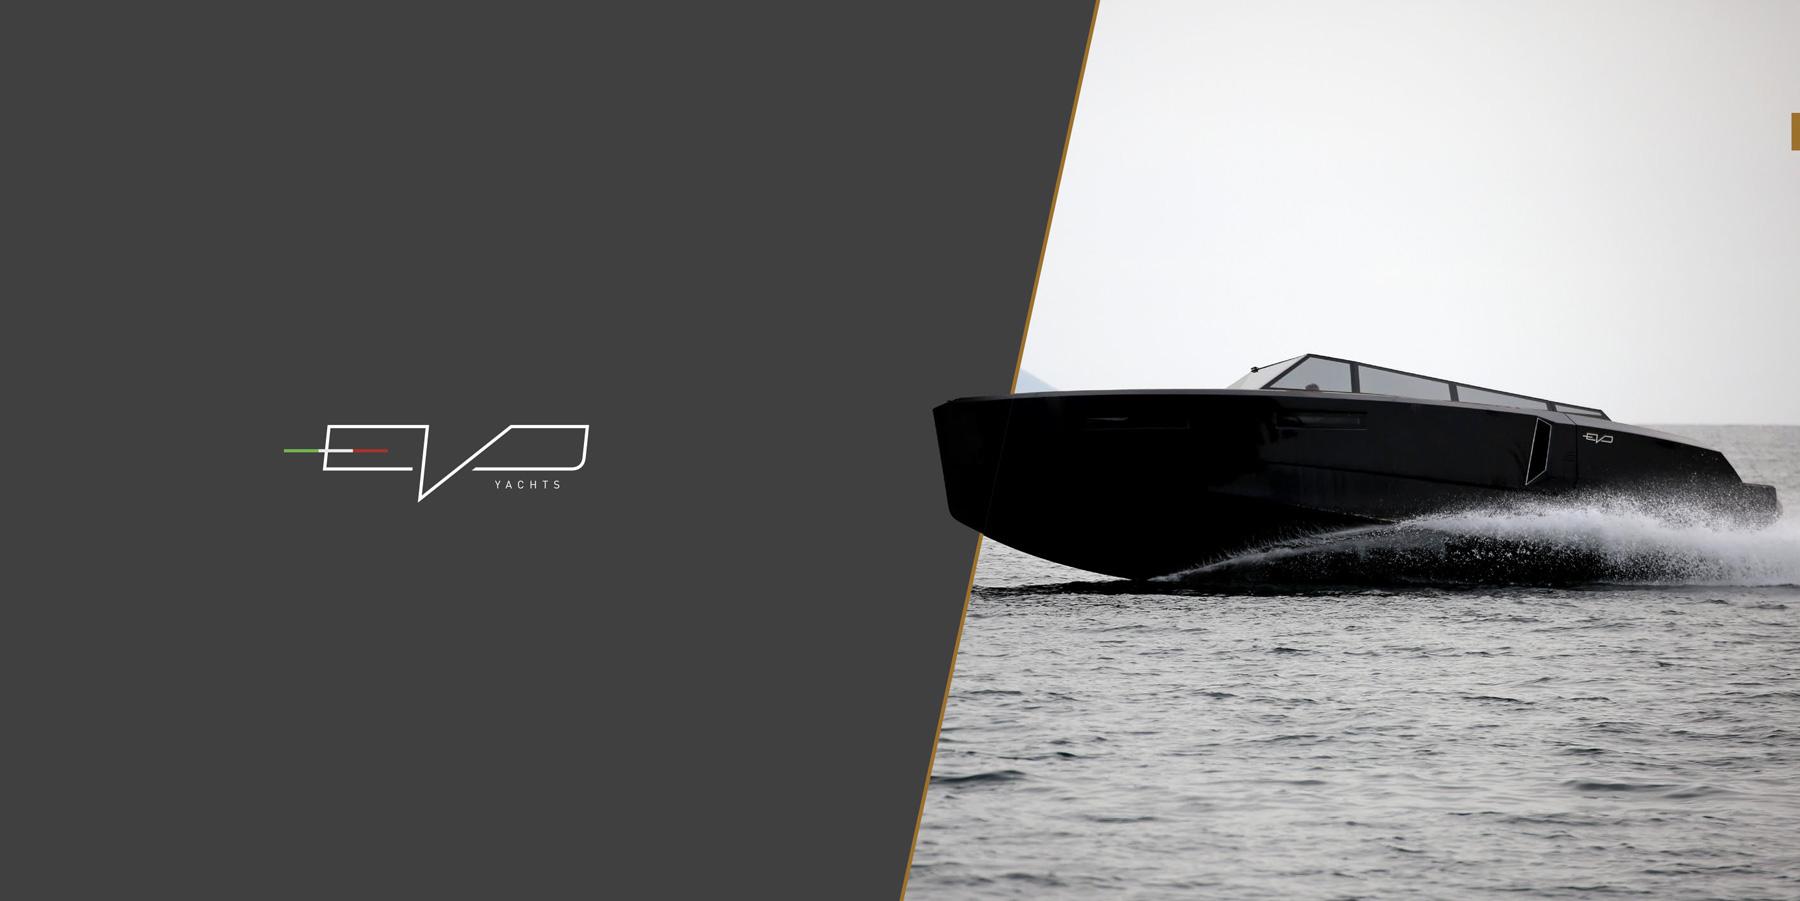 evo-yachts-p1